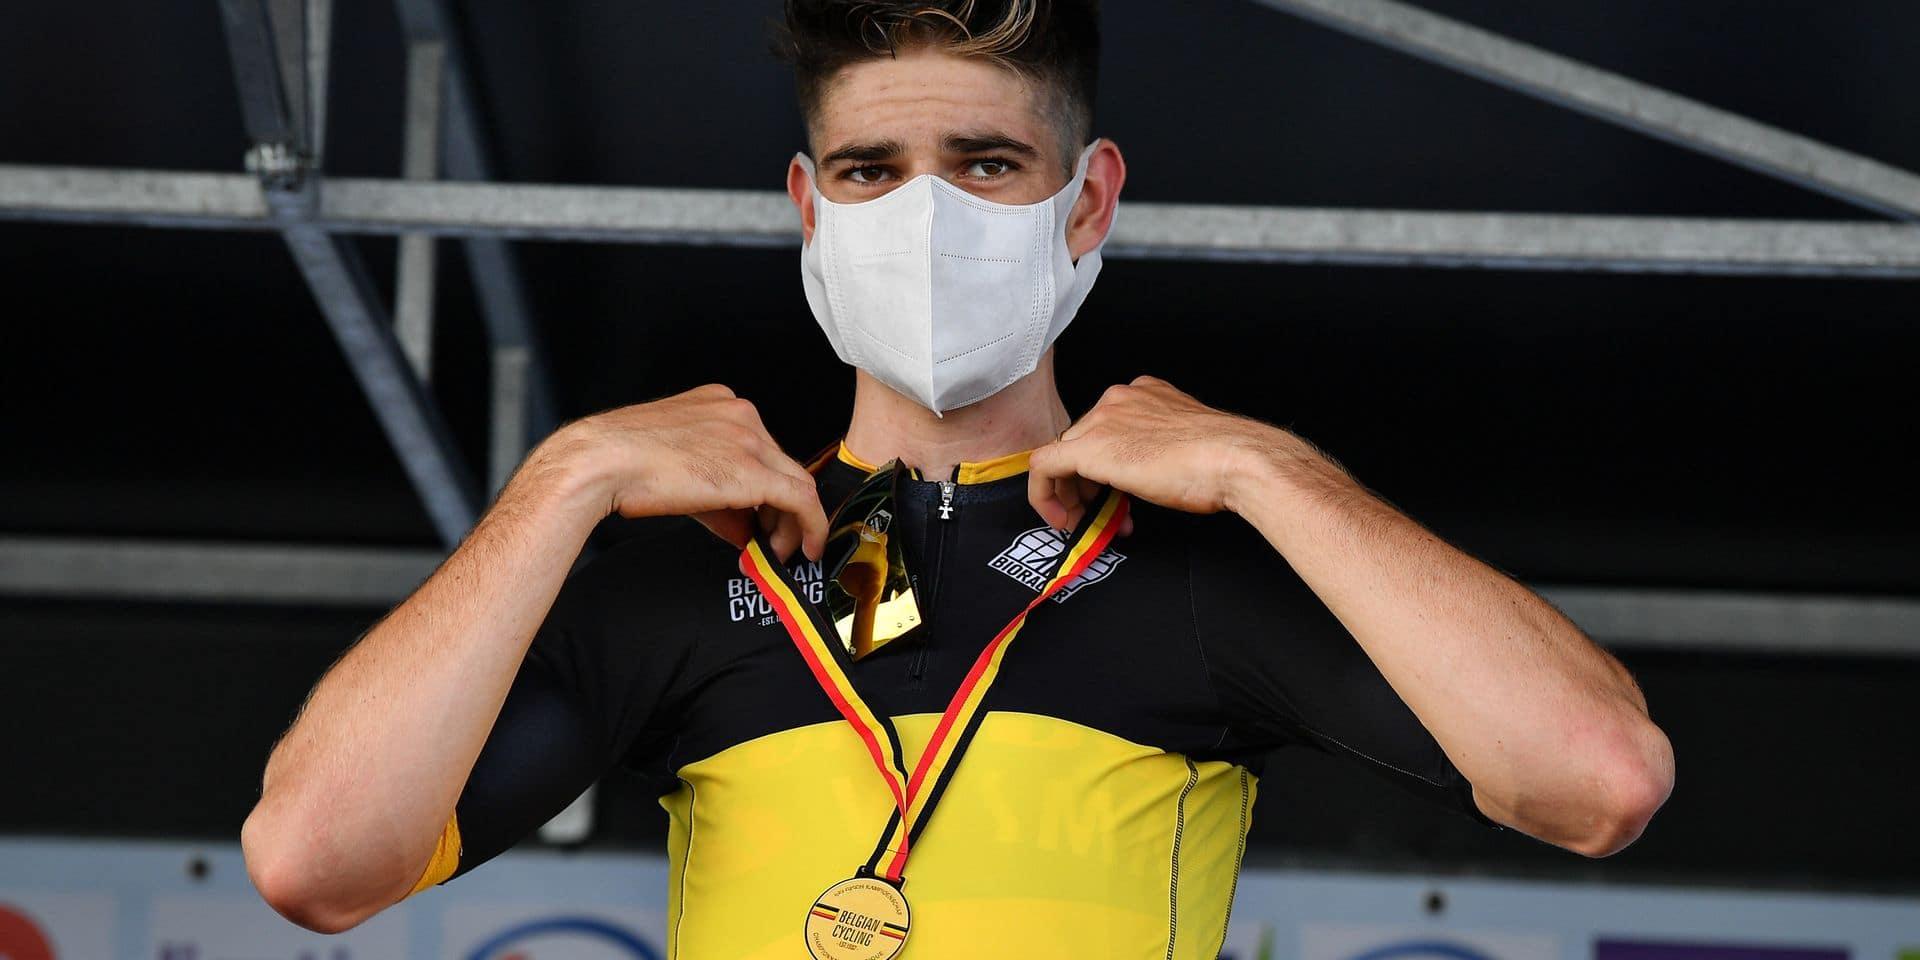 """Après sa victoire au championnat national de chrono, Wout Van Aert est ambitieux pour le Tour de France: """"Gagner aux Champs-Élysées"""""""